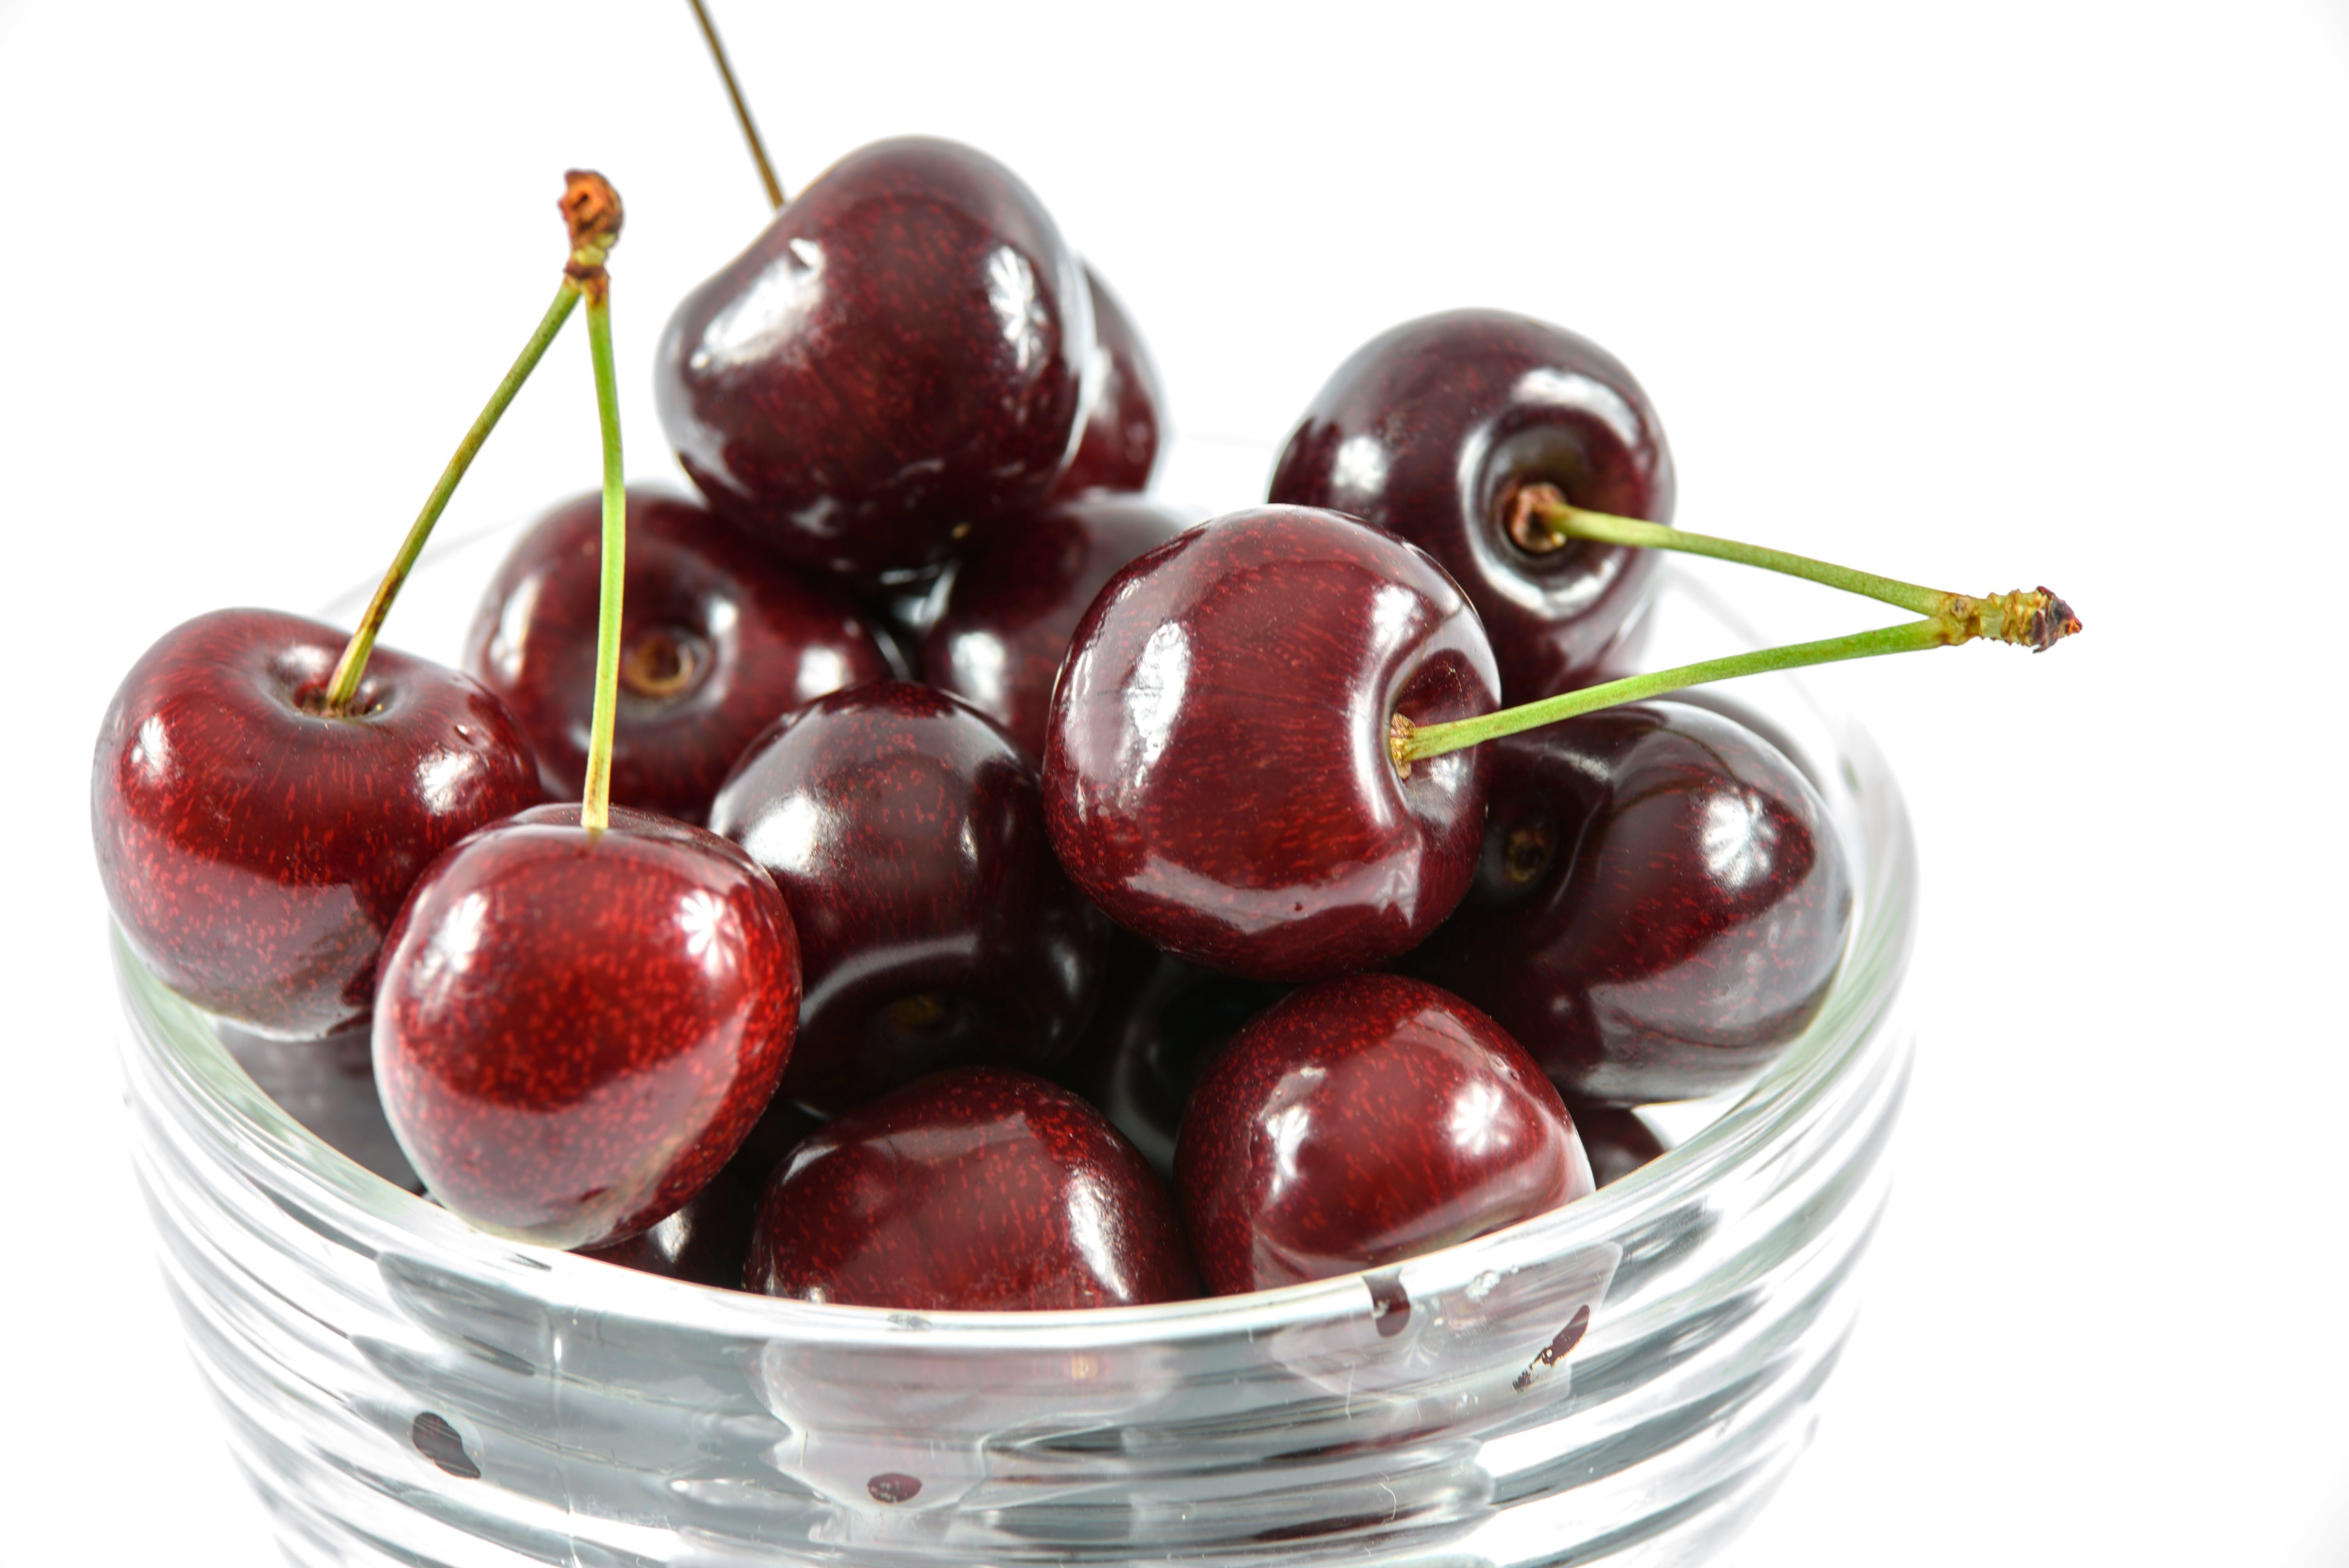 Fotos de stock gratuitas de bol, cerezas, comida, frutas